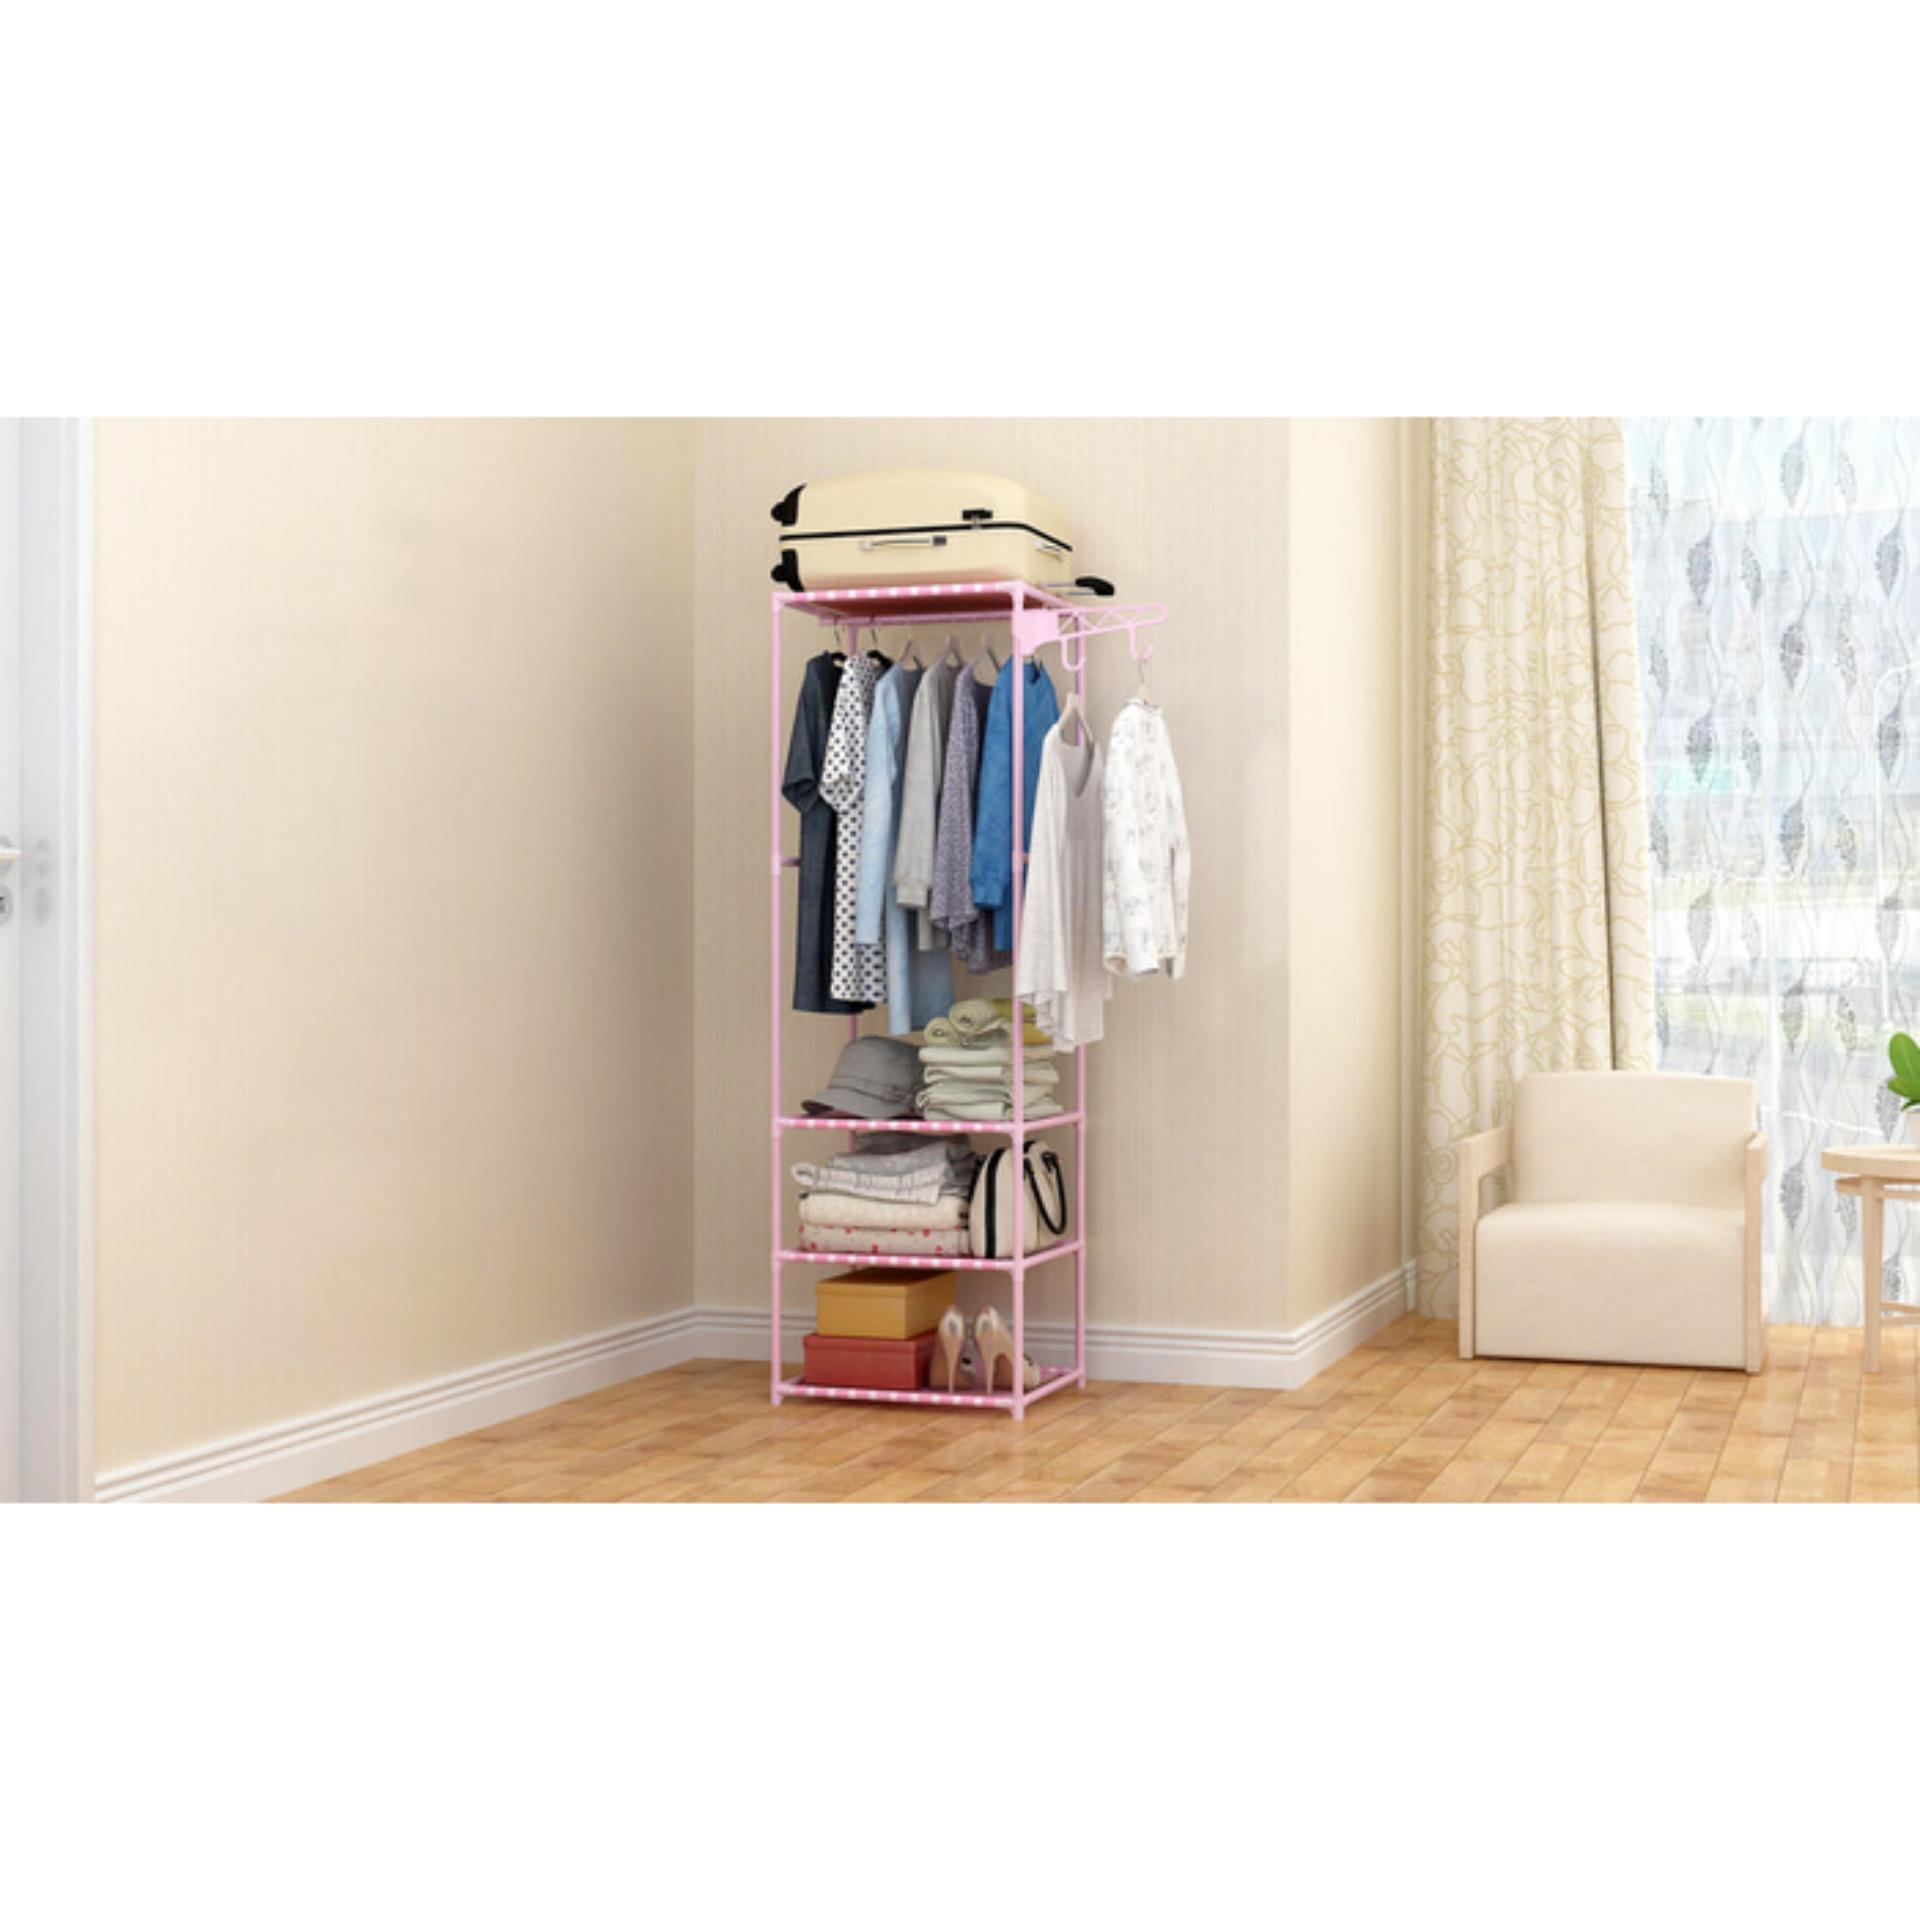 Almari Pakaian Furniture Lemari Baju Lemari Baju Anak Minimalis Lemari Pakaian Anak Murah Almari Tanpa Penutup MHX18 Pink Polka